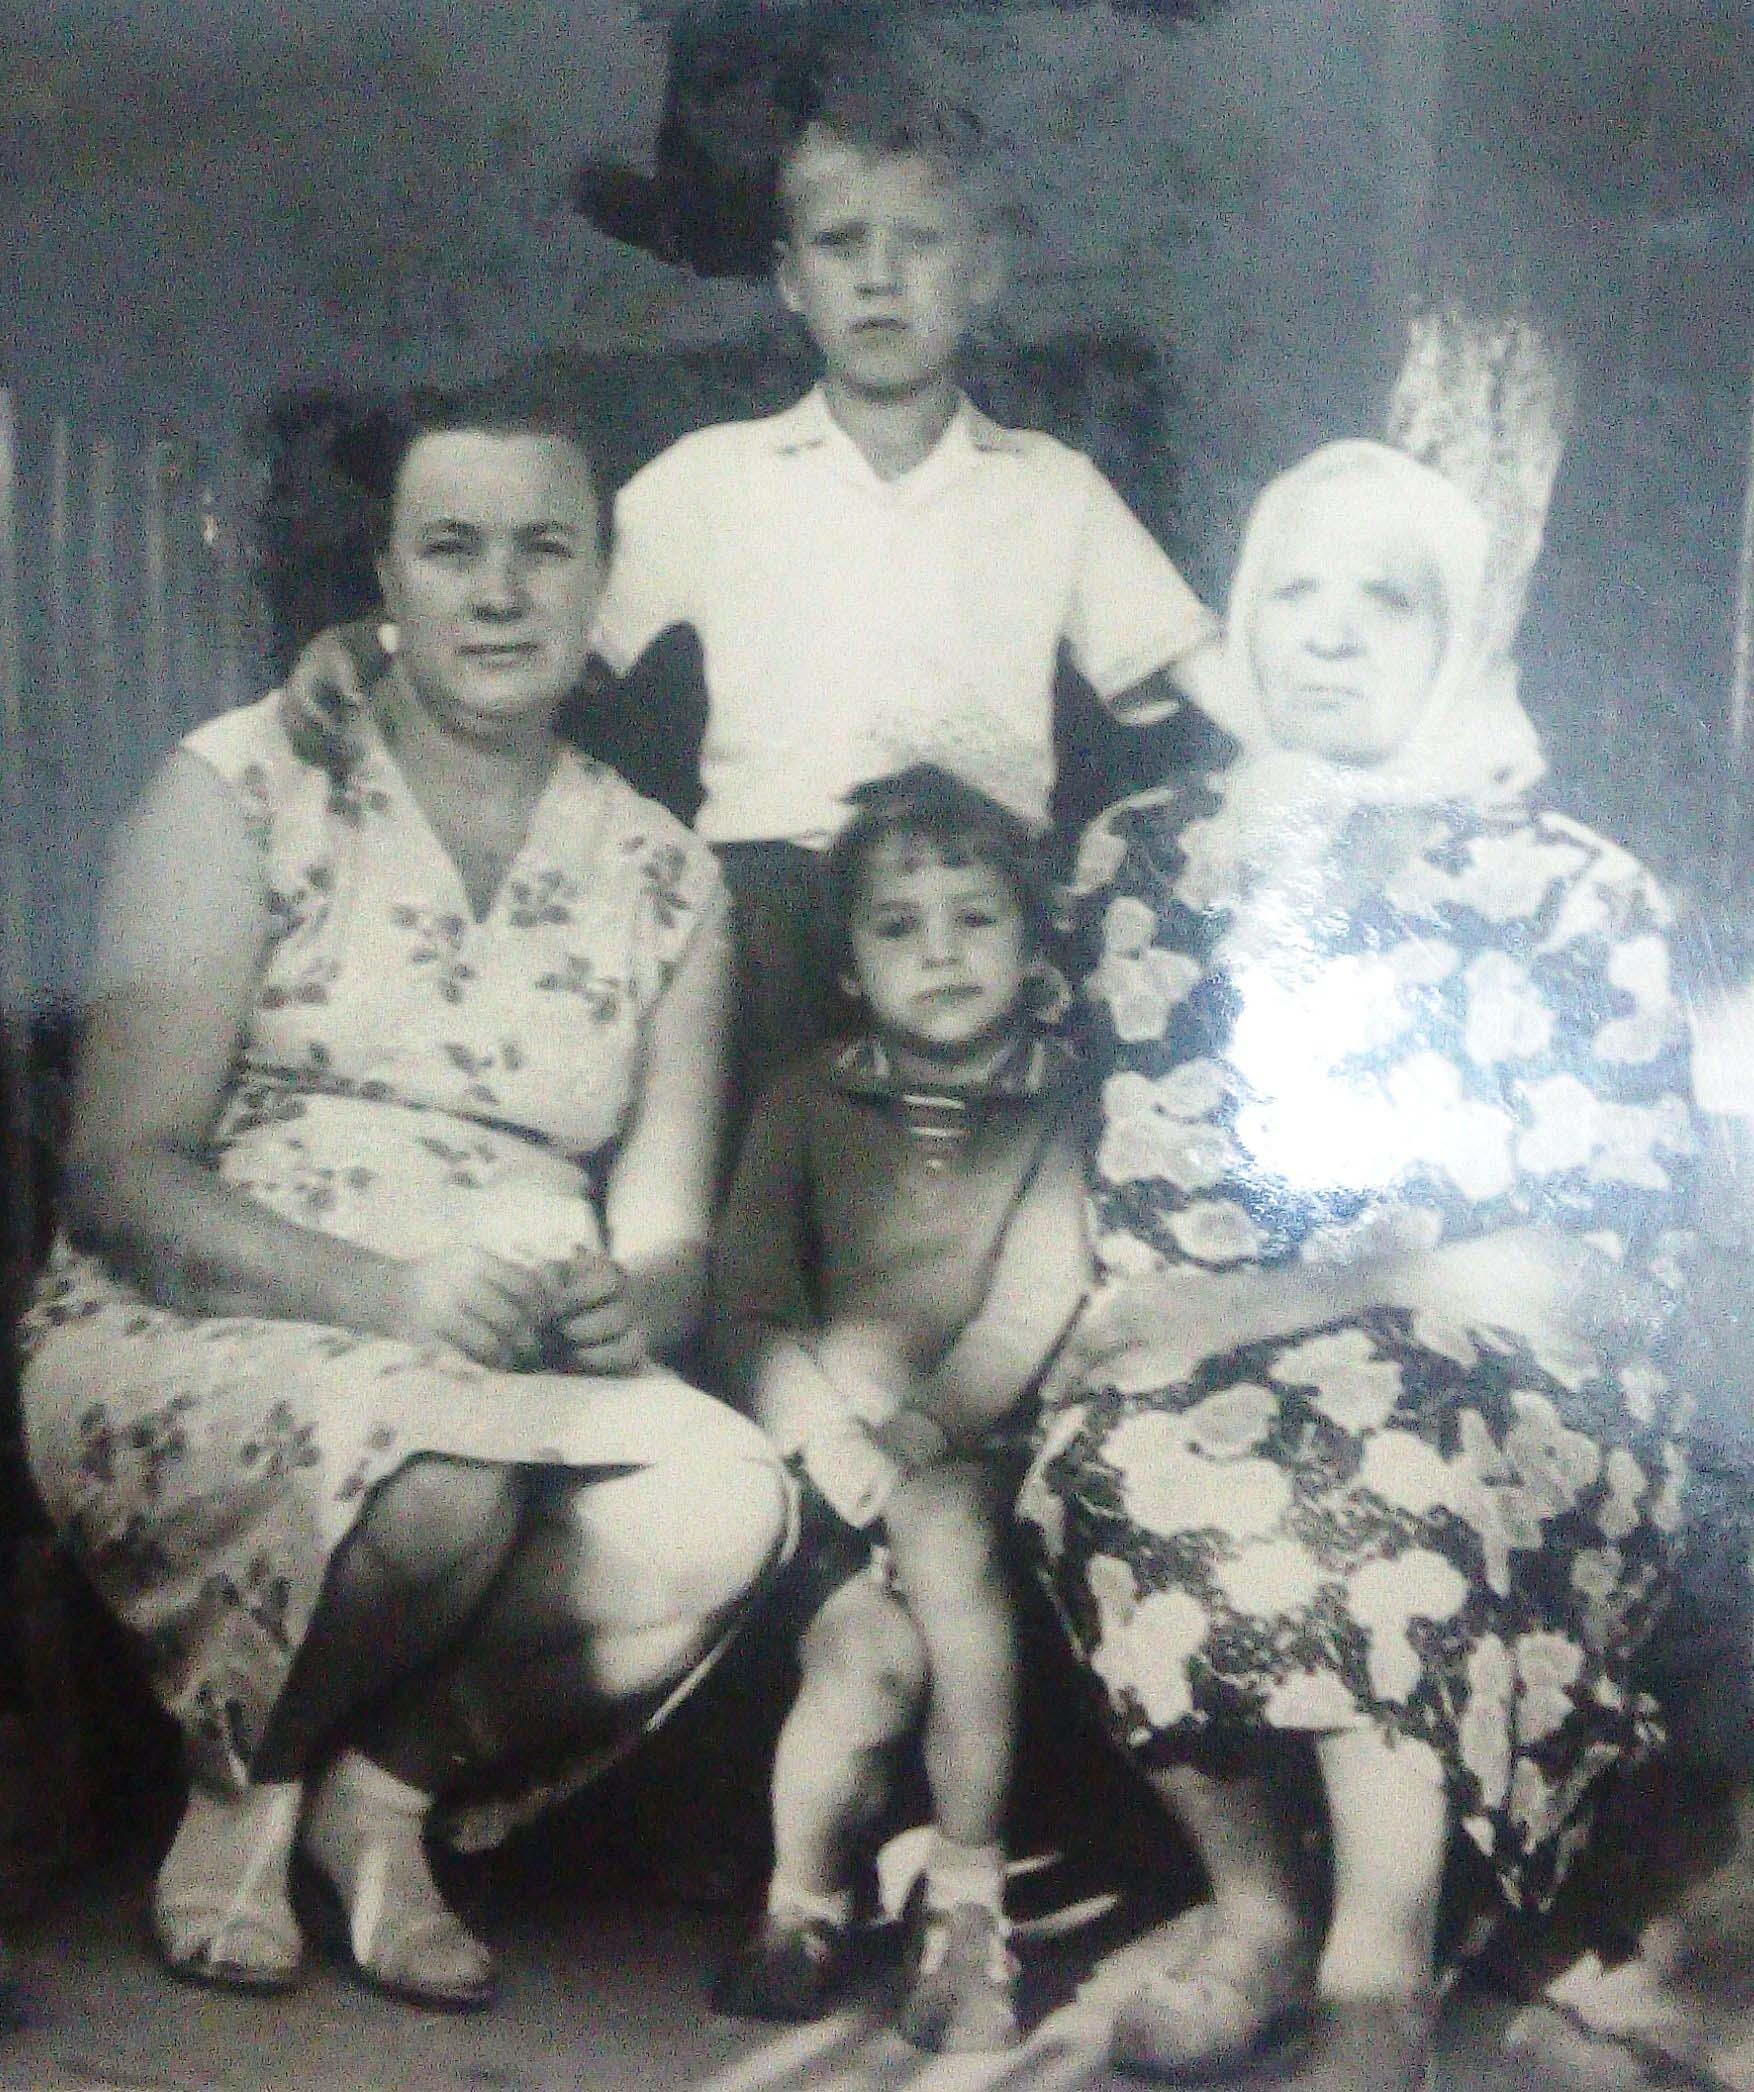 Тетя Зина, которая приютила Тамару Шелюбскую  с матерью и братом  в тяжелое время (на фото справа)